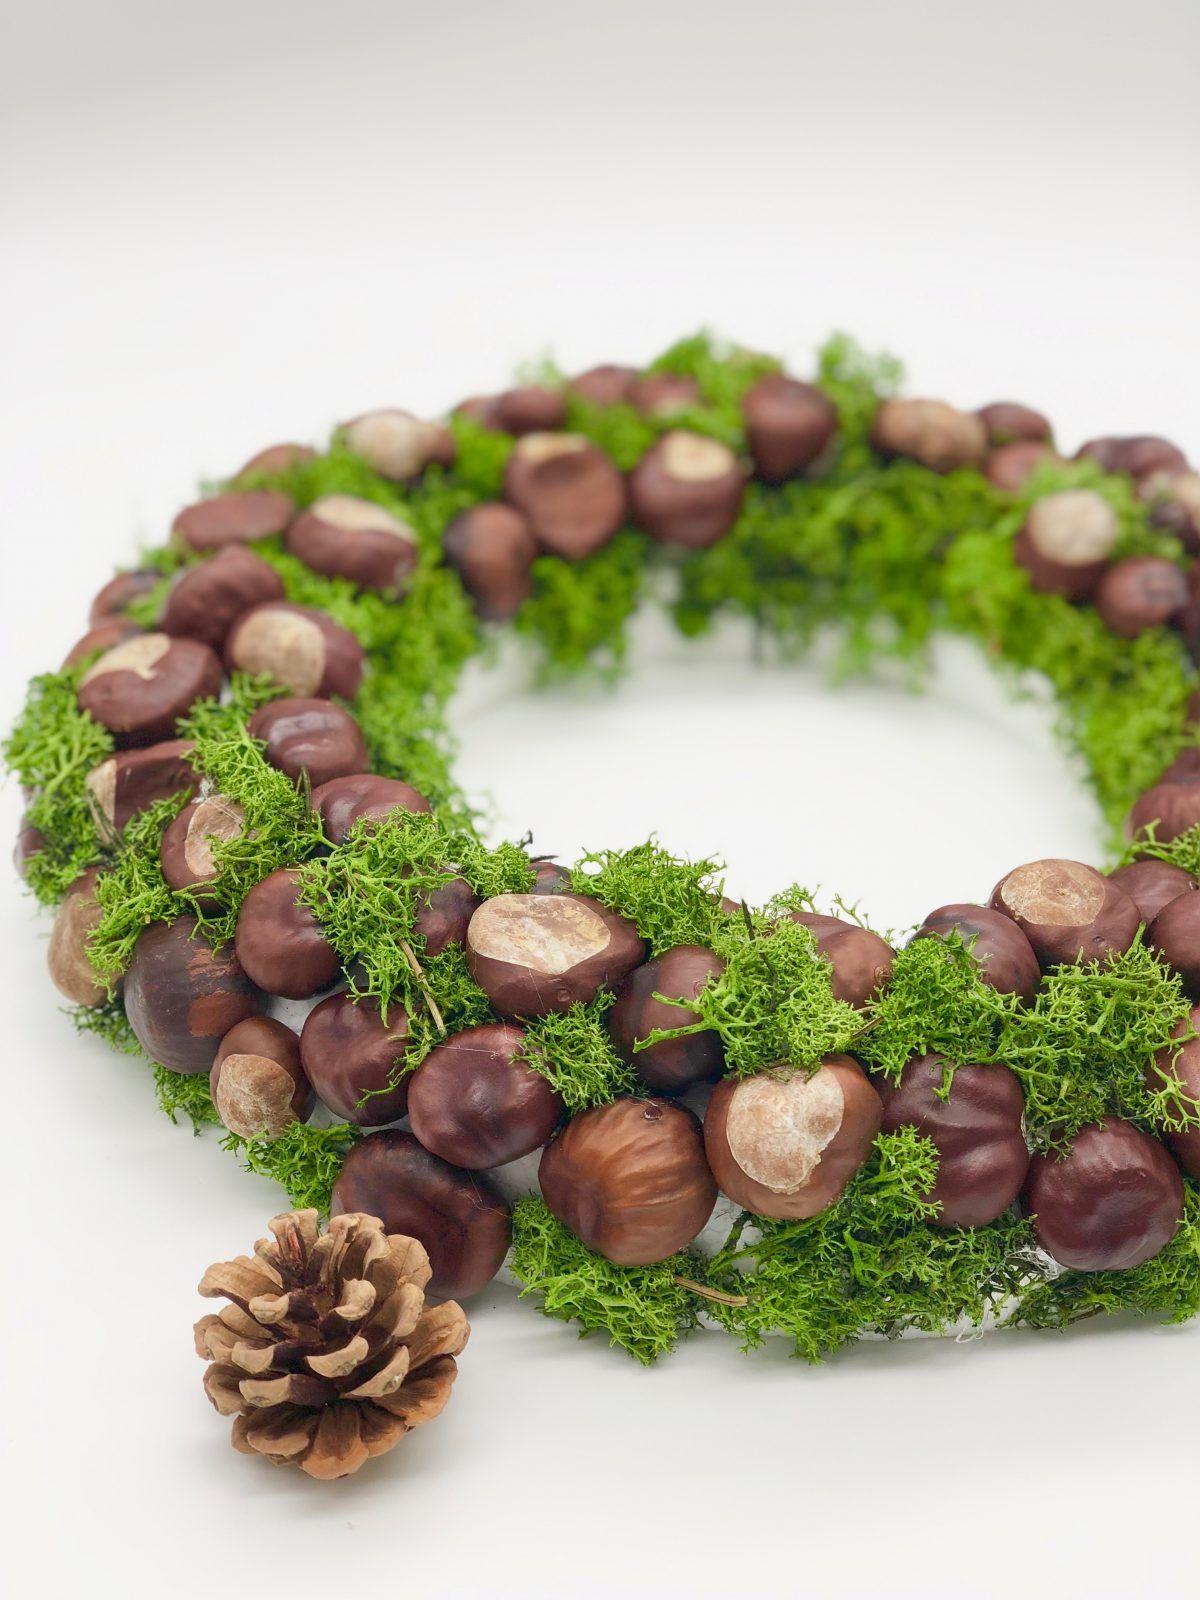 Herbstdeko basteln mit Kastanien - schöner DIY Herbstkranz